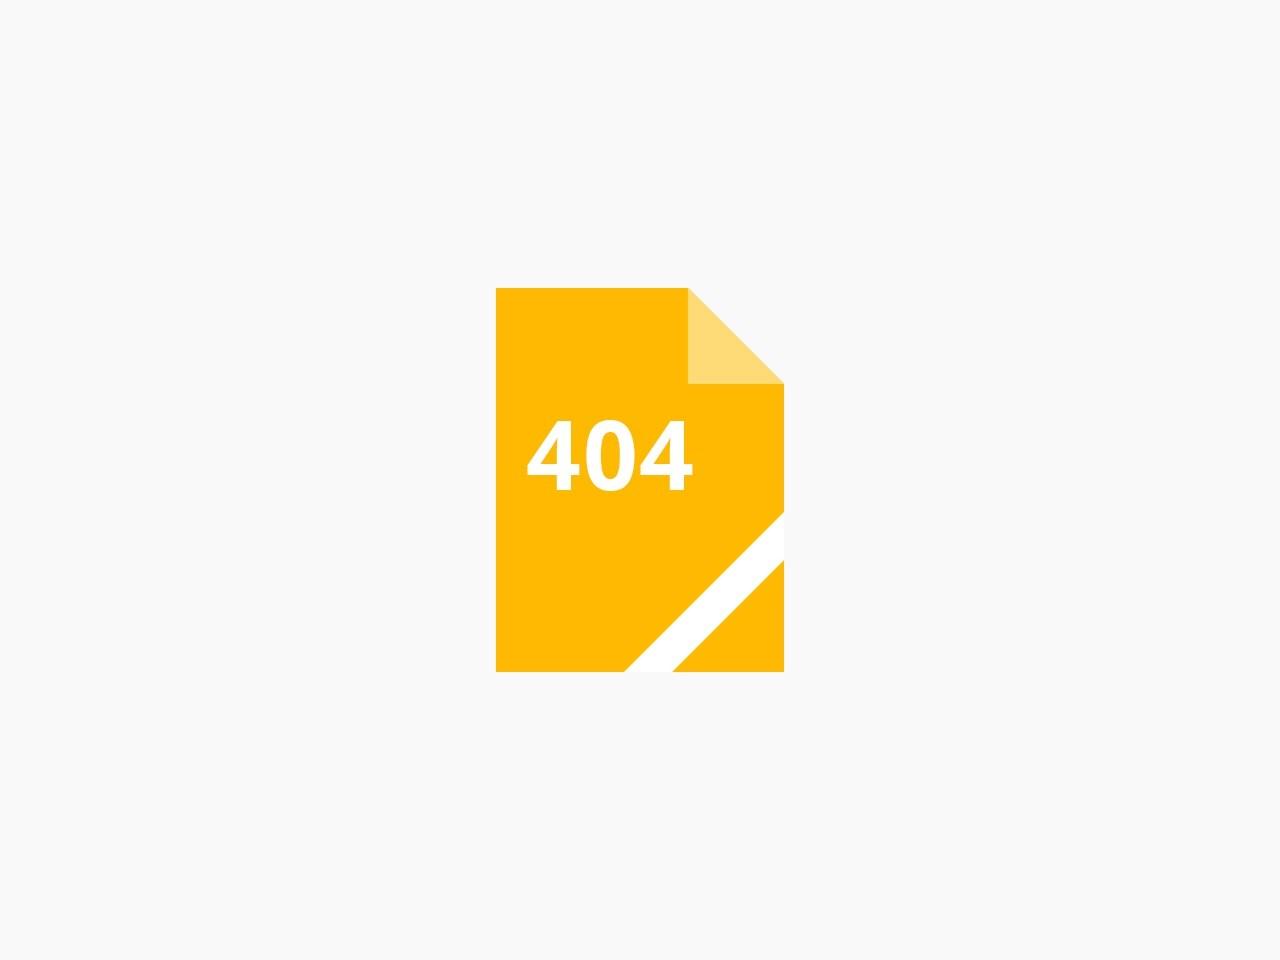 5 Best Video Editing App | हिंदी में जानिये बेस्ट वीडियो एडिटिंग ऍप